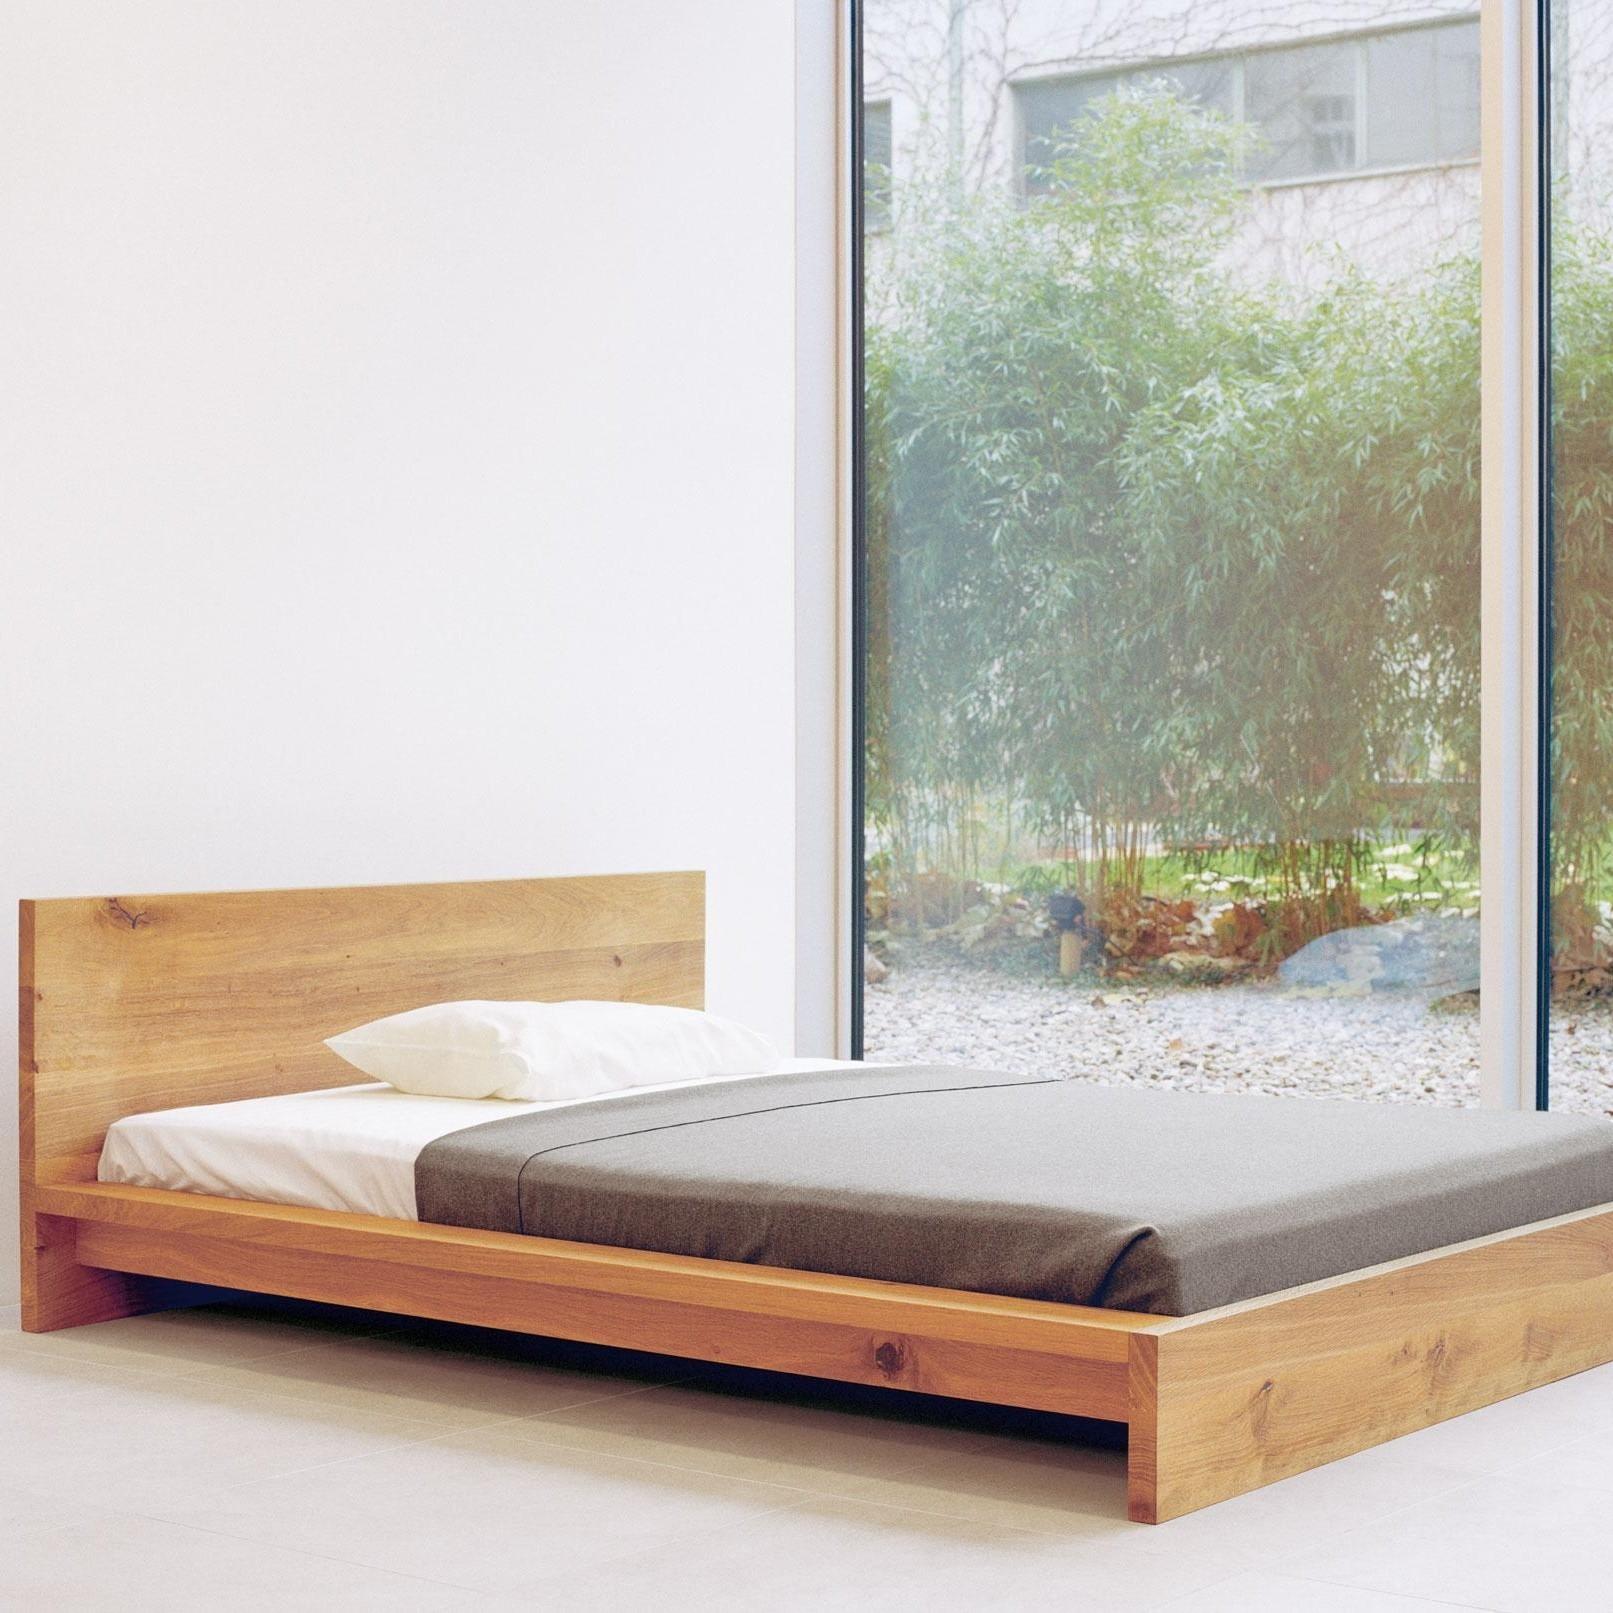 E15 Sl02 Mo Massivholz Bett Ambientedirect